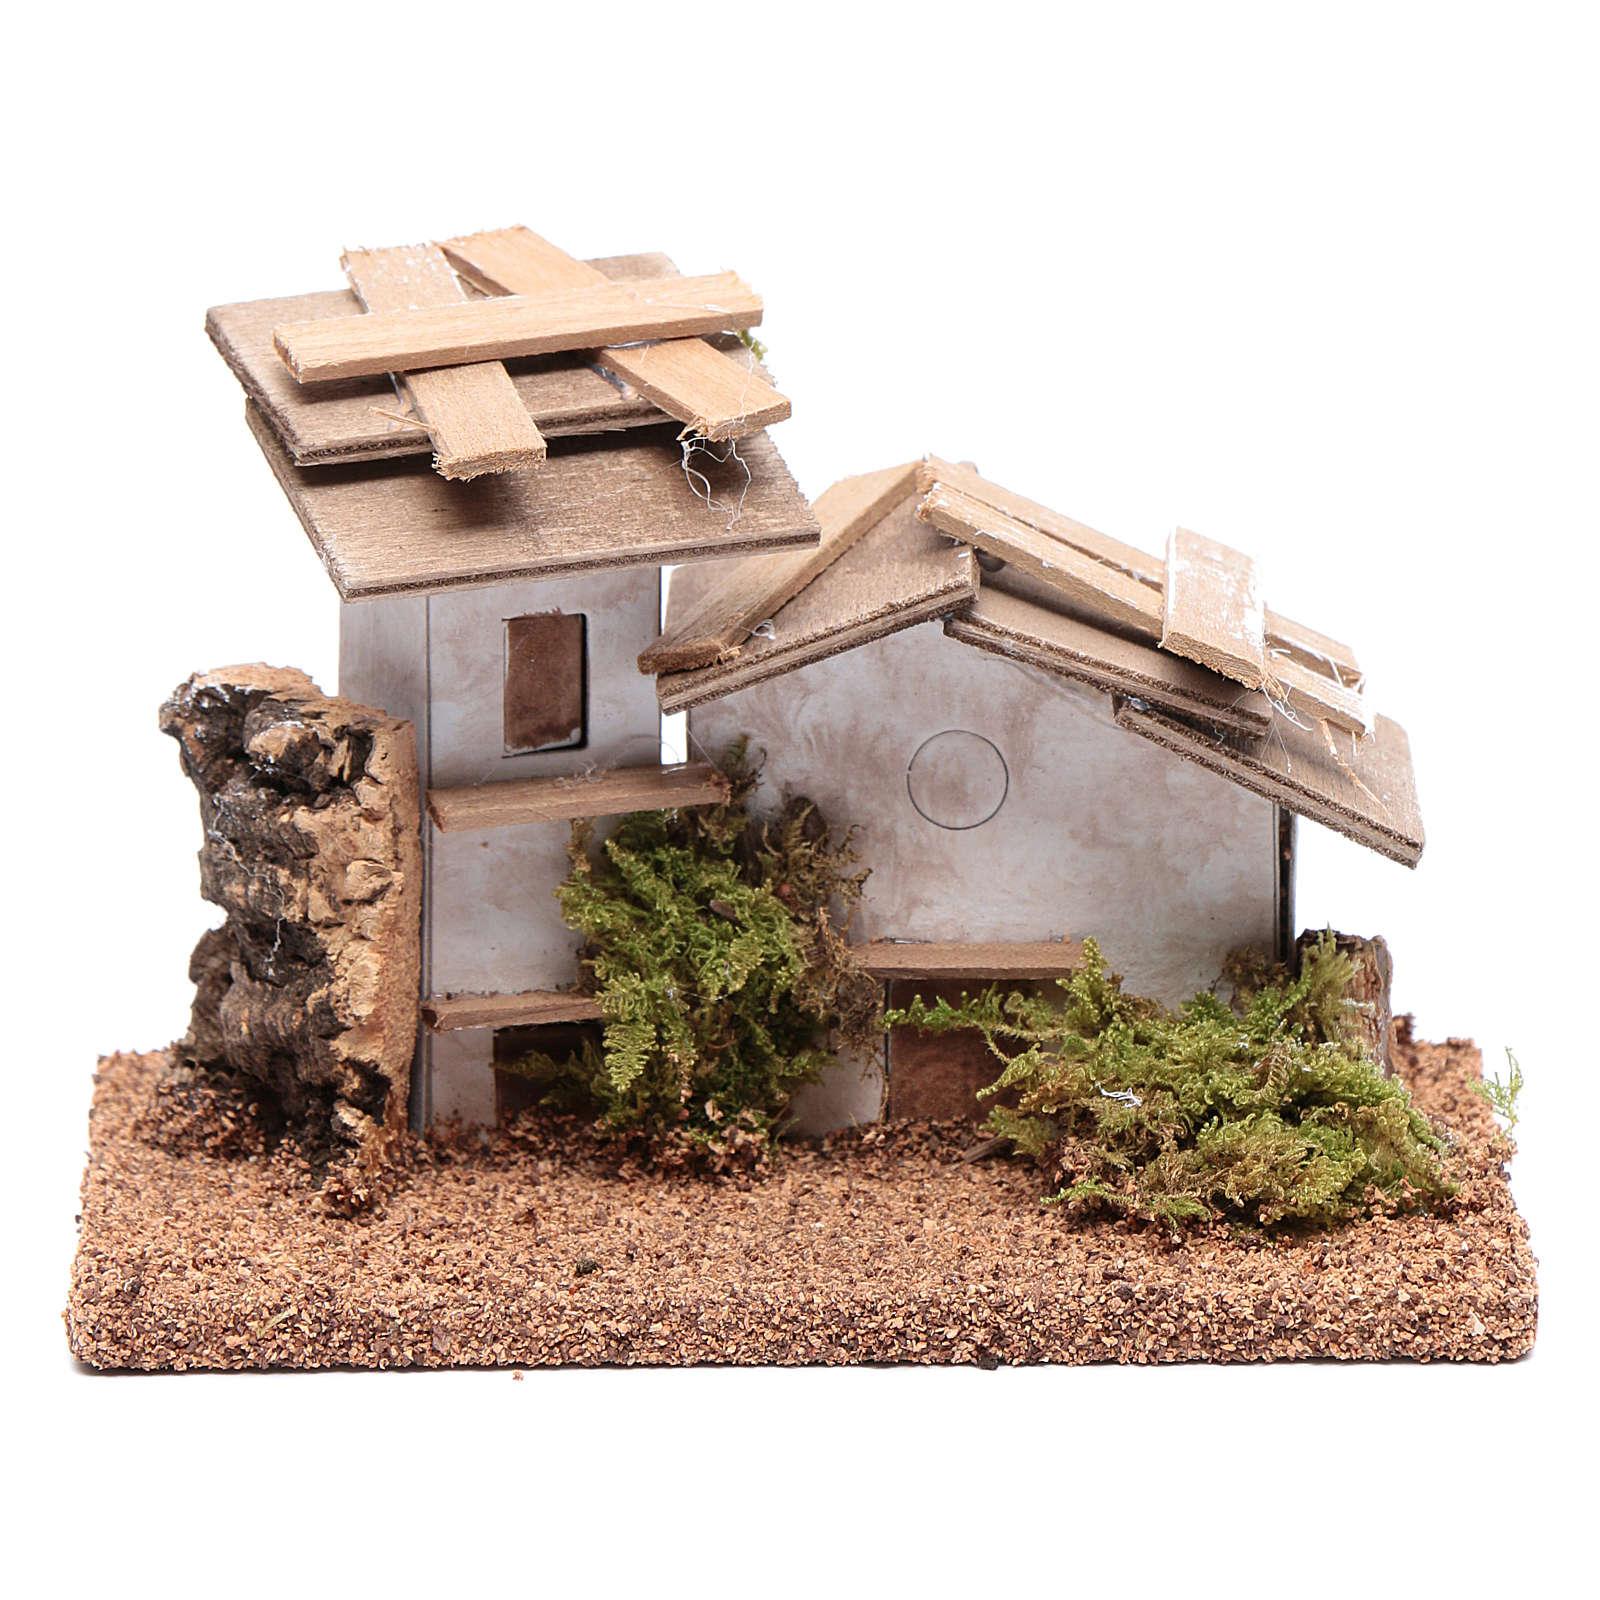 Maisonnette bois et plâtre 10x15x10 cm 4